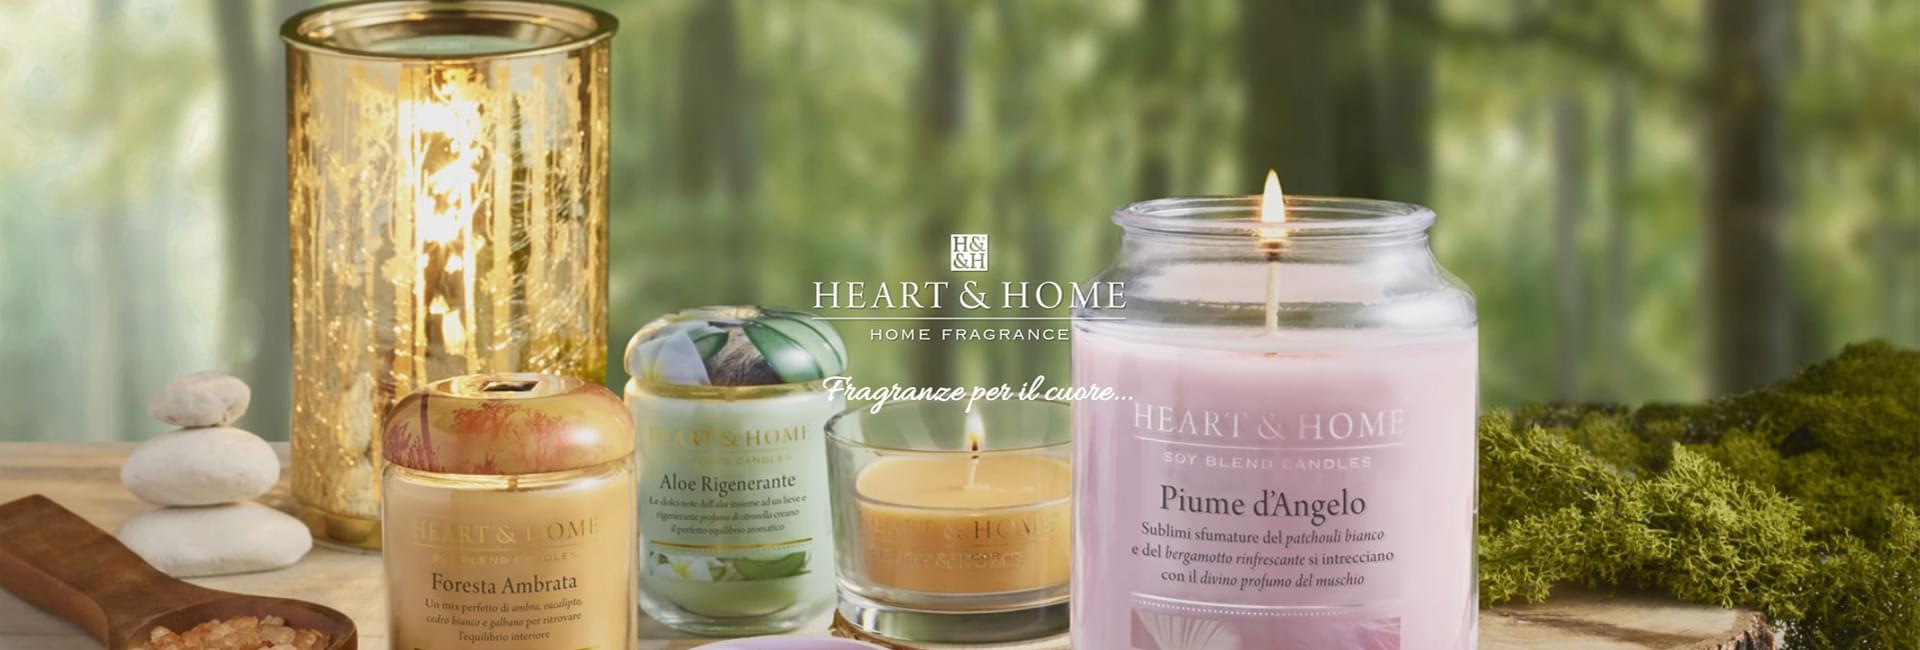 Heart Home Candele.Heart Home Candele In Cera Di Soia Ecosostenibili La Galleria